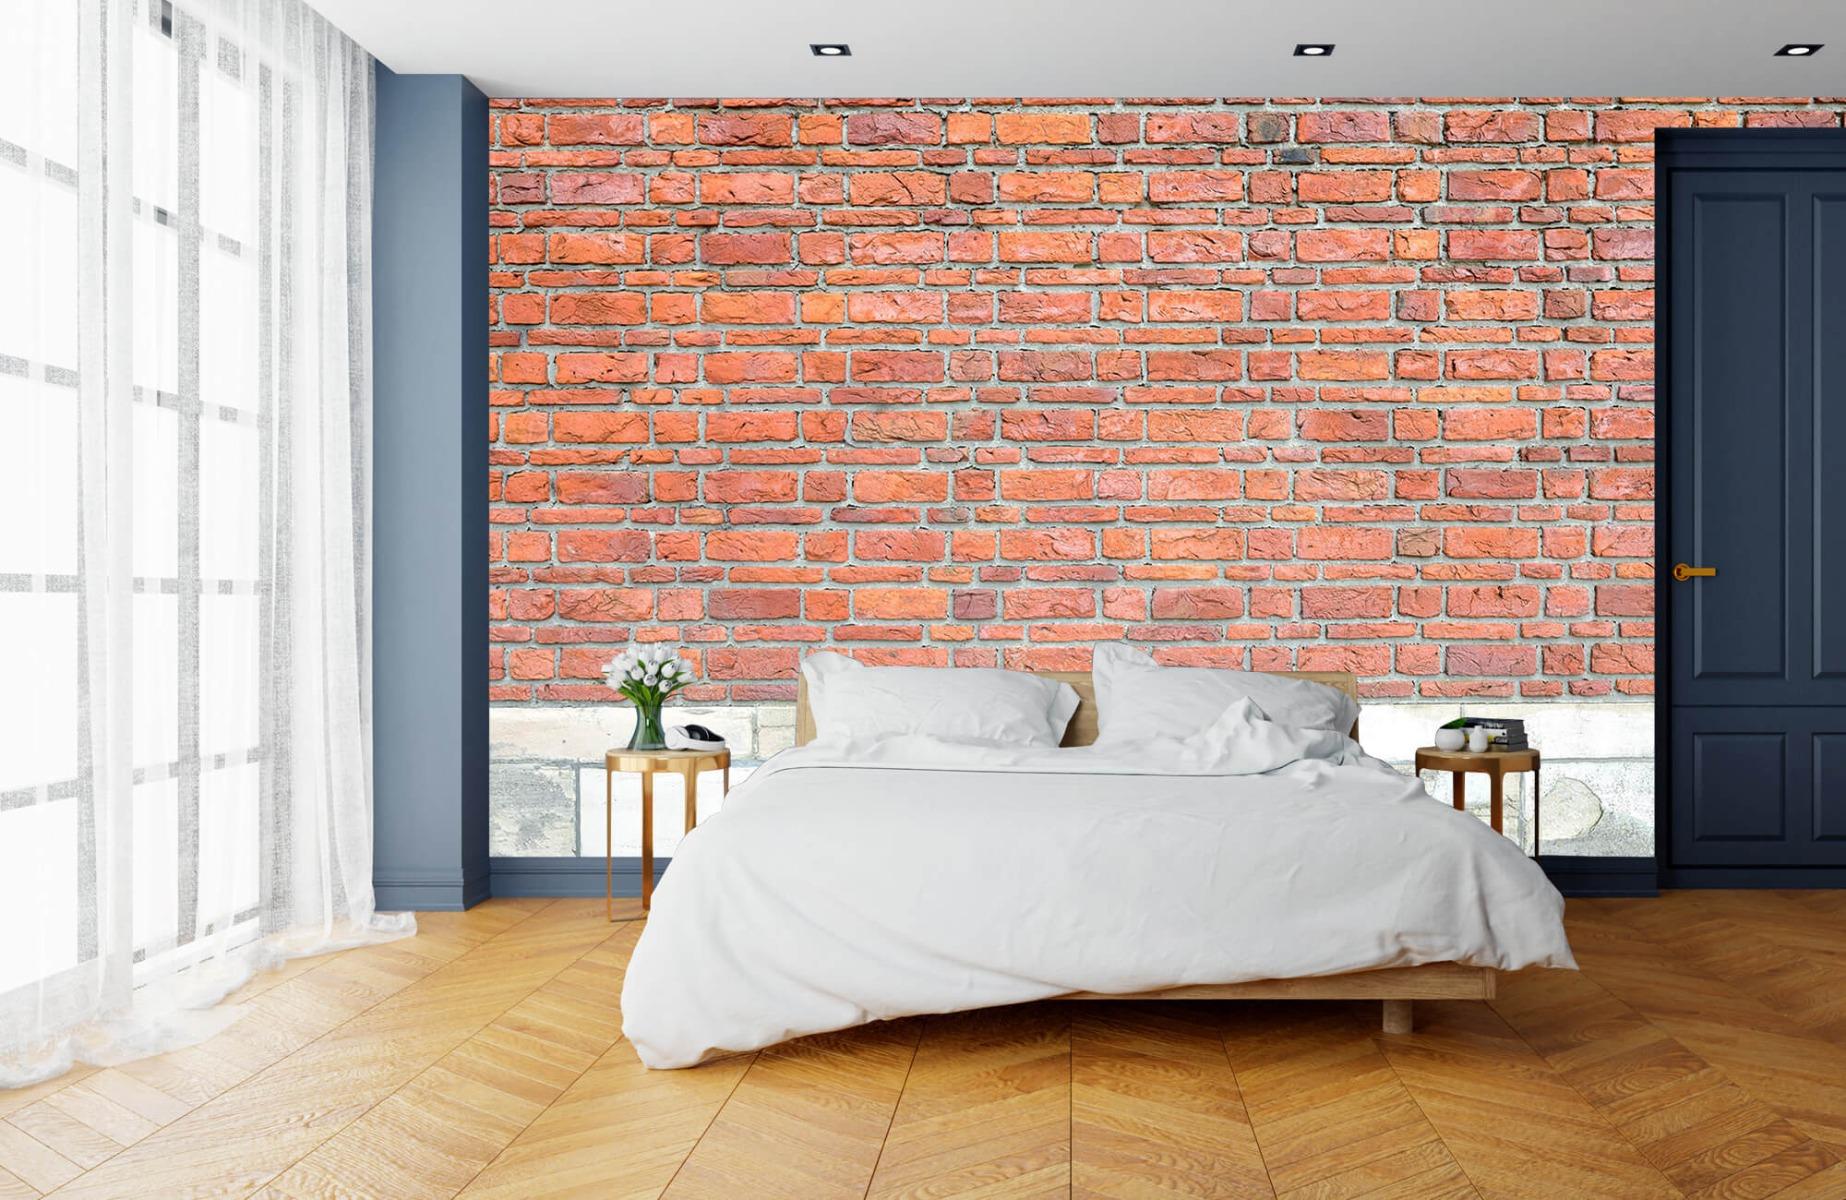 Steen behang - Bakstenen met oud beton - Wallexclusive - Slaapkamer 17